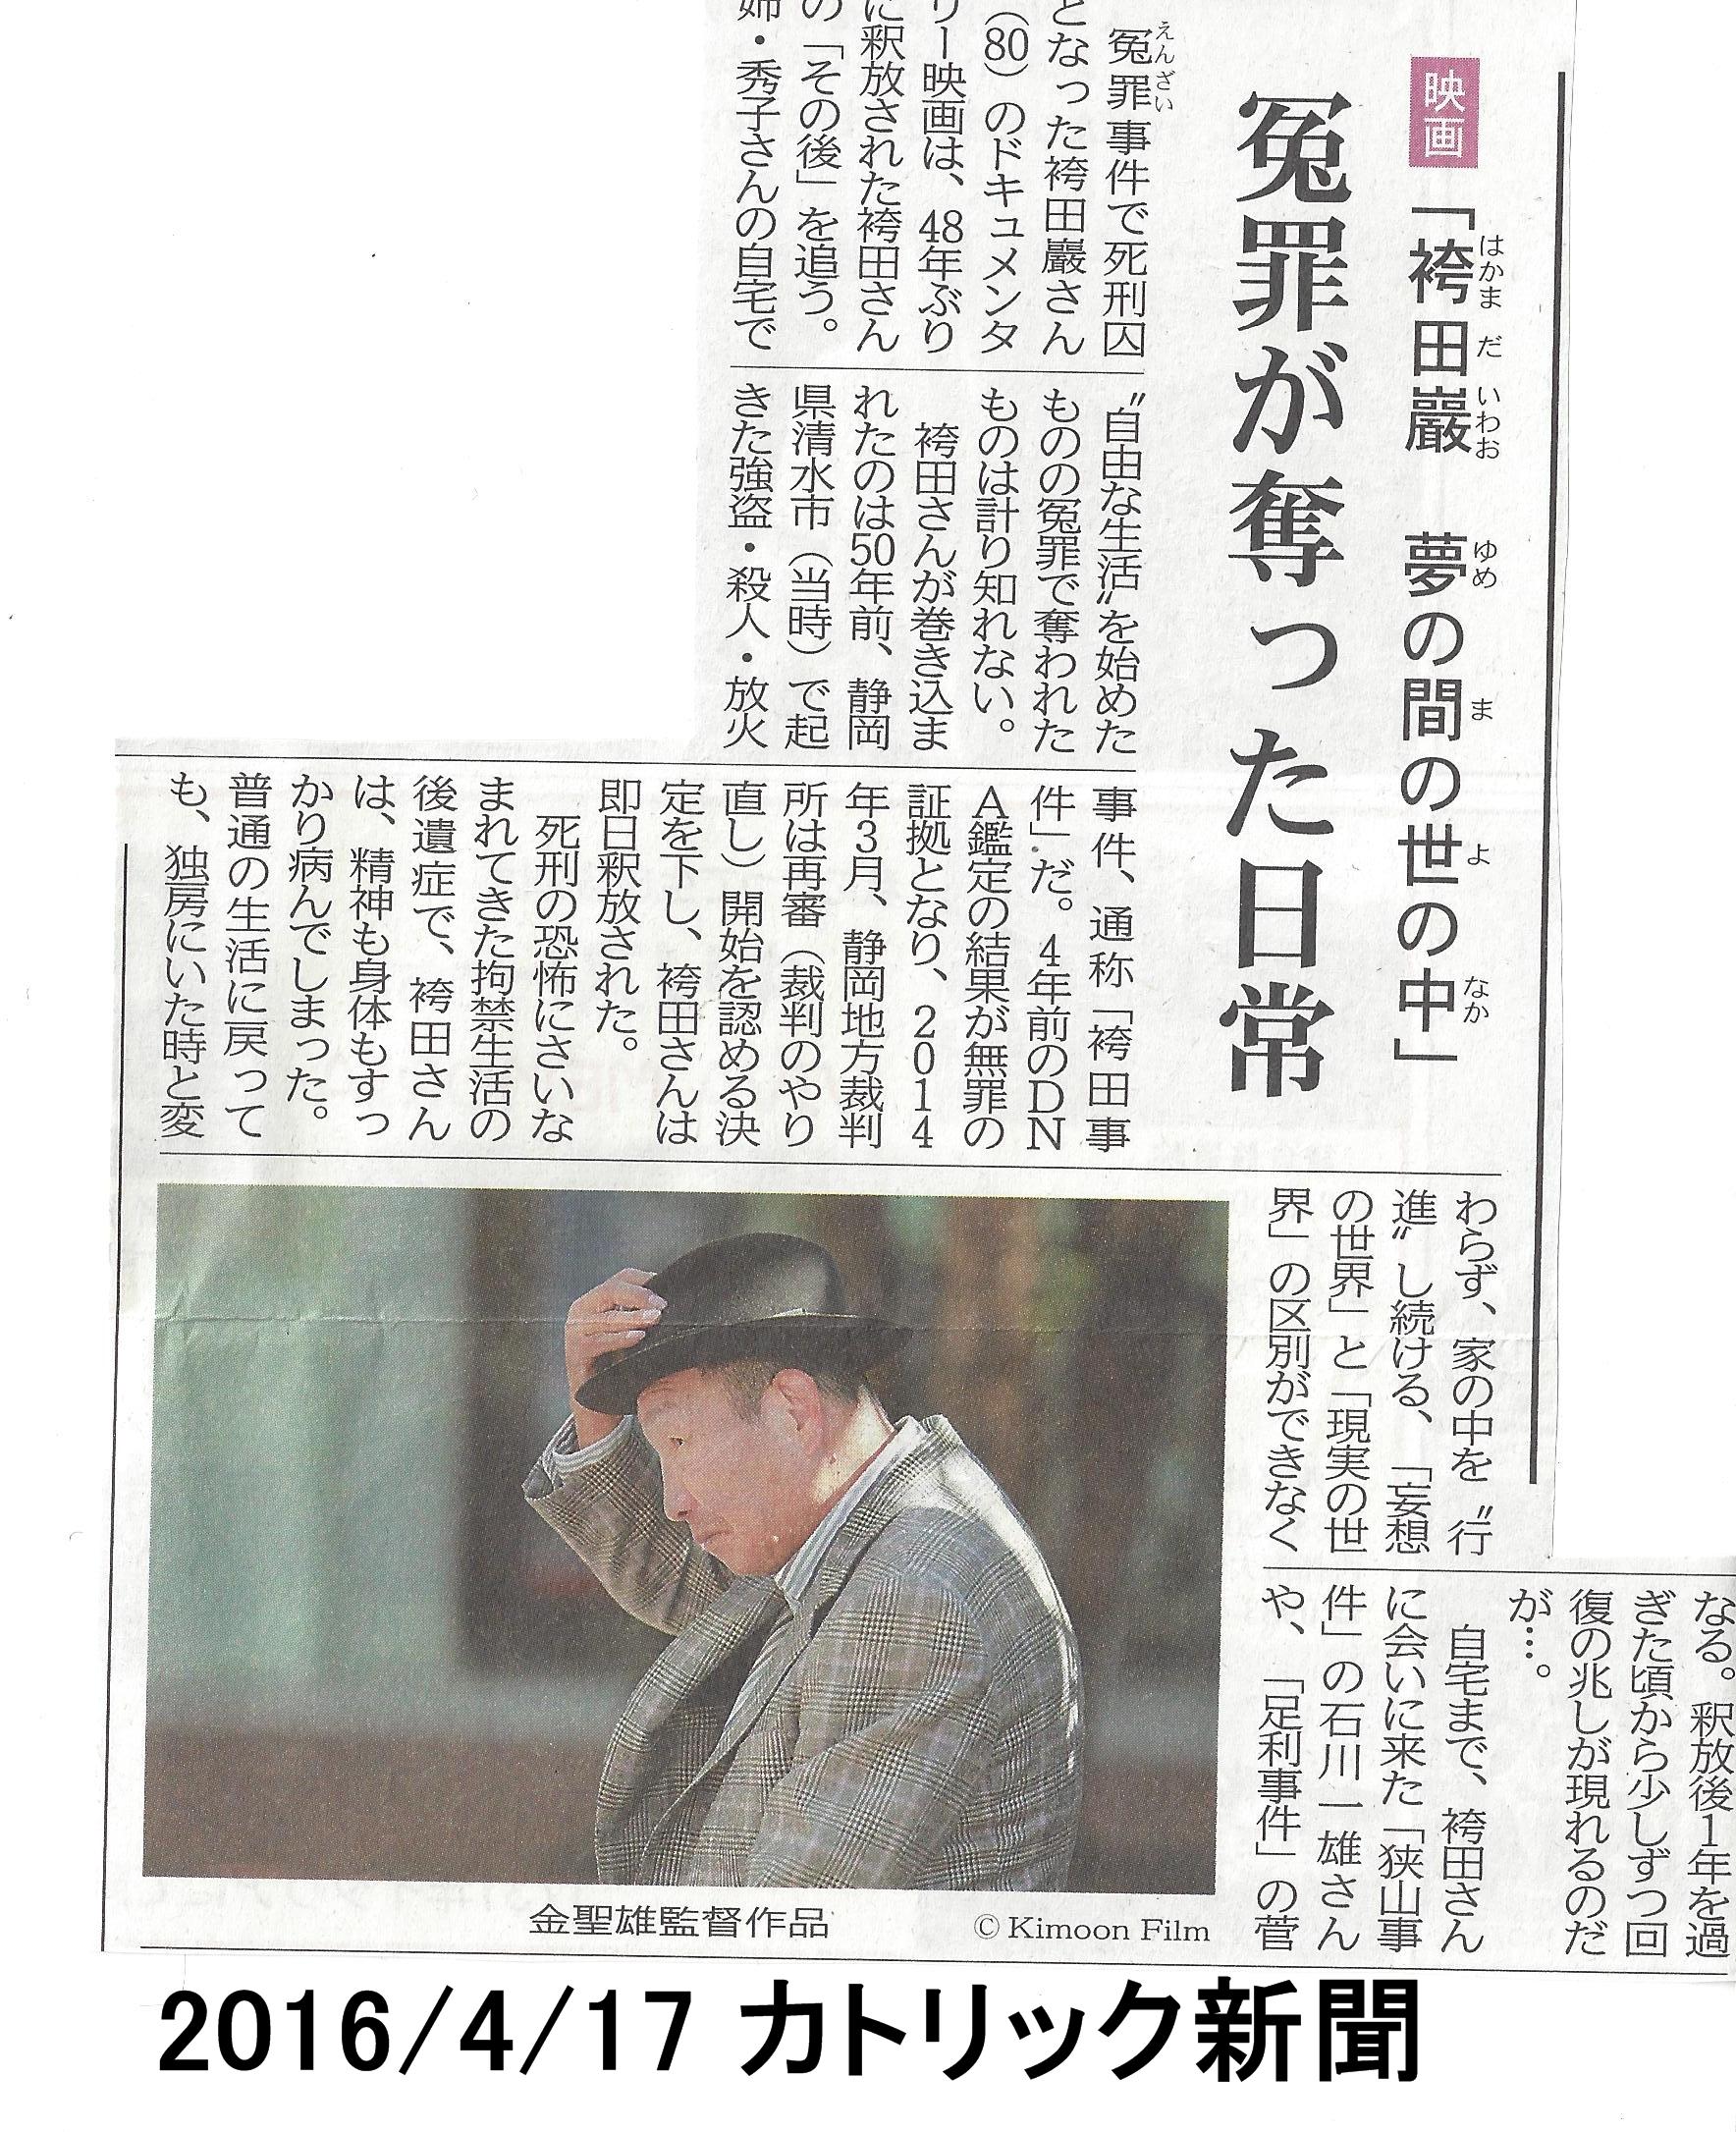 2016.4.17 カトリック新聞